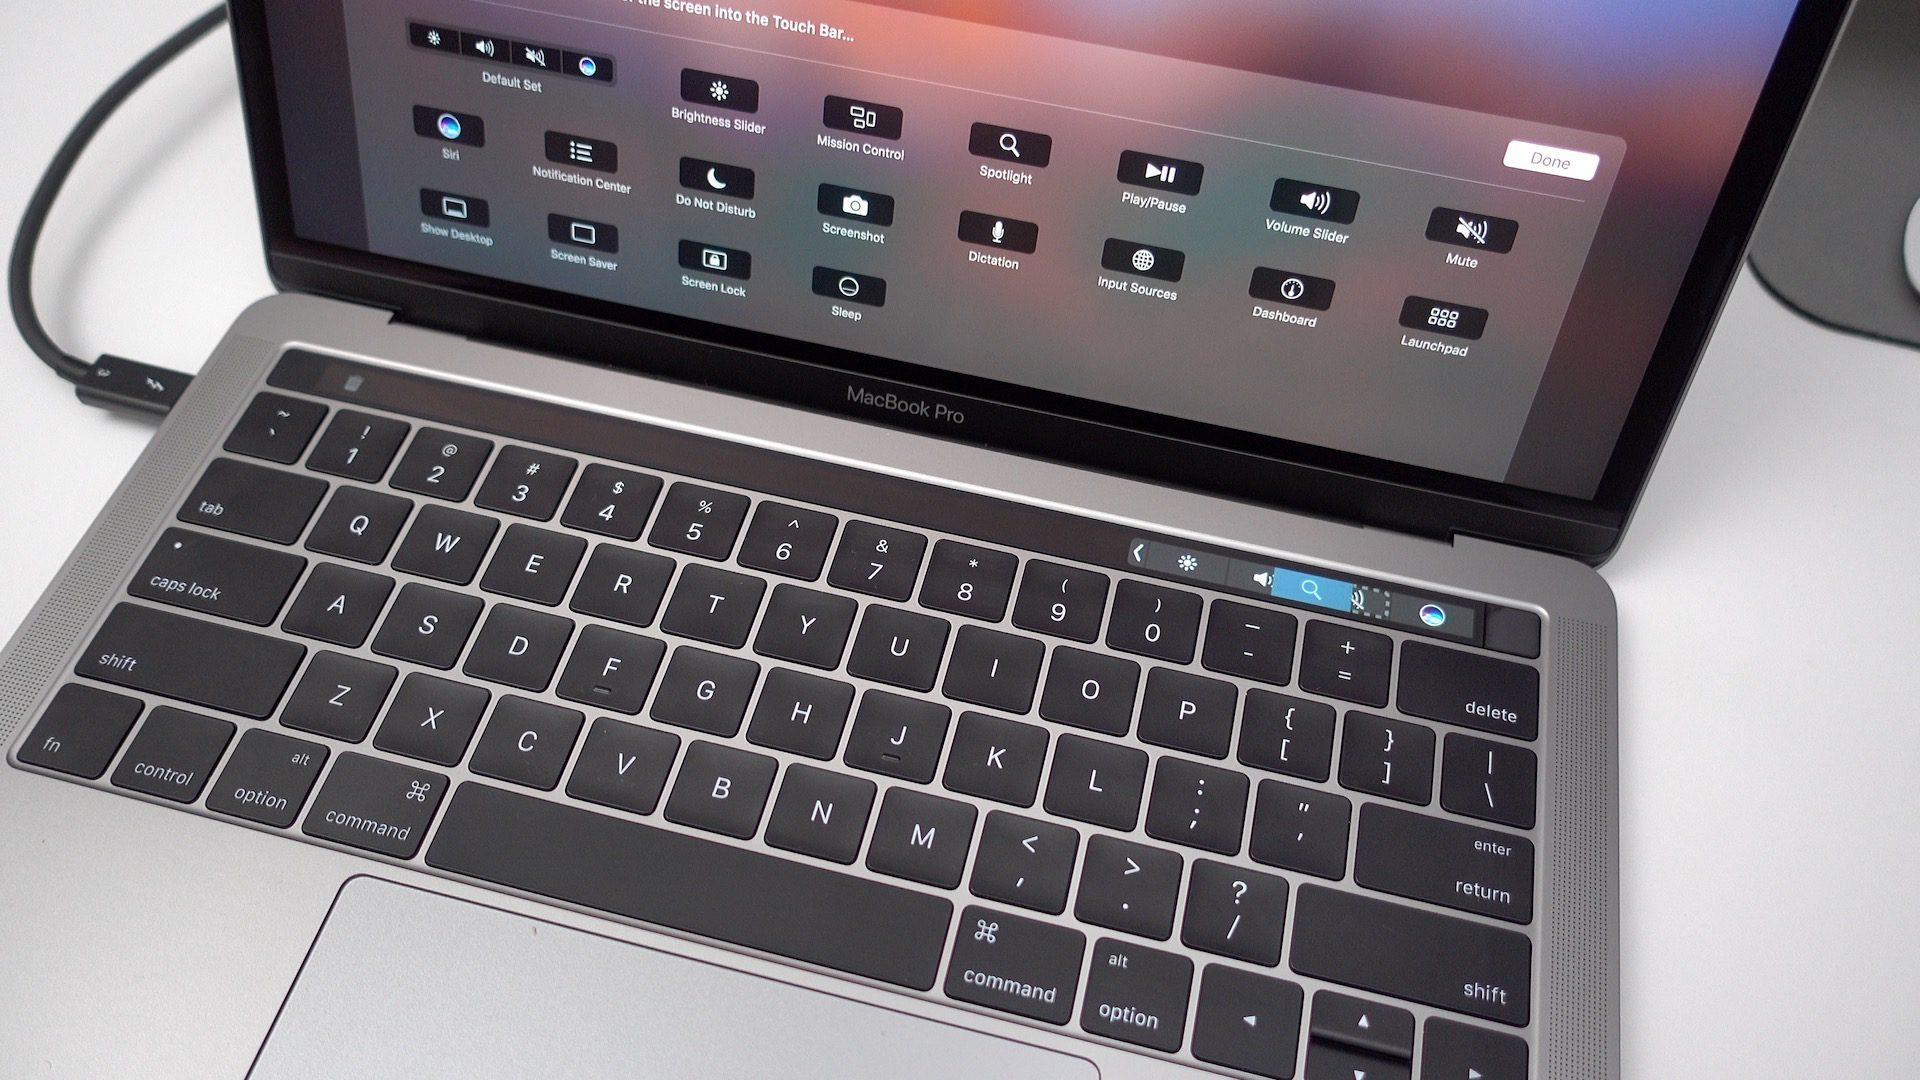 Már a 2017-es, 15 hüvelykes MacBook Pro is kapható felújítva